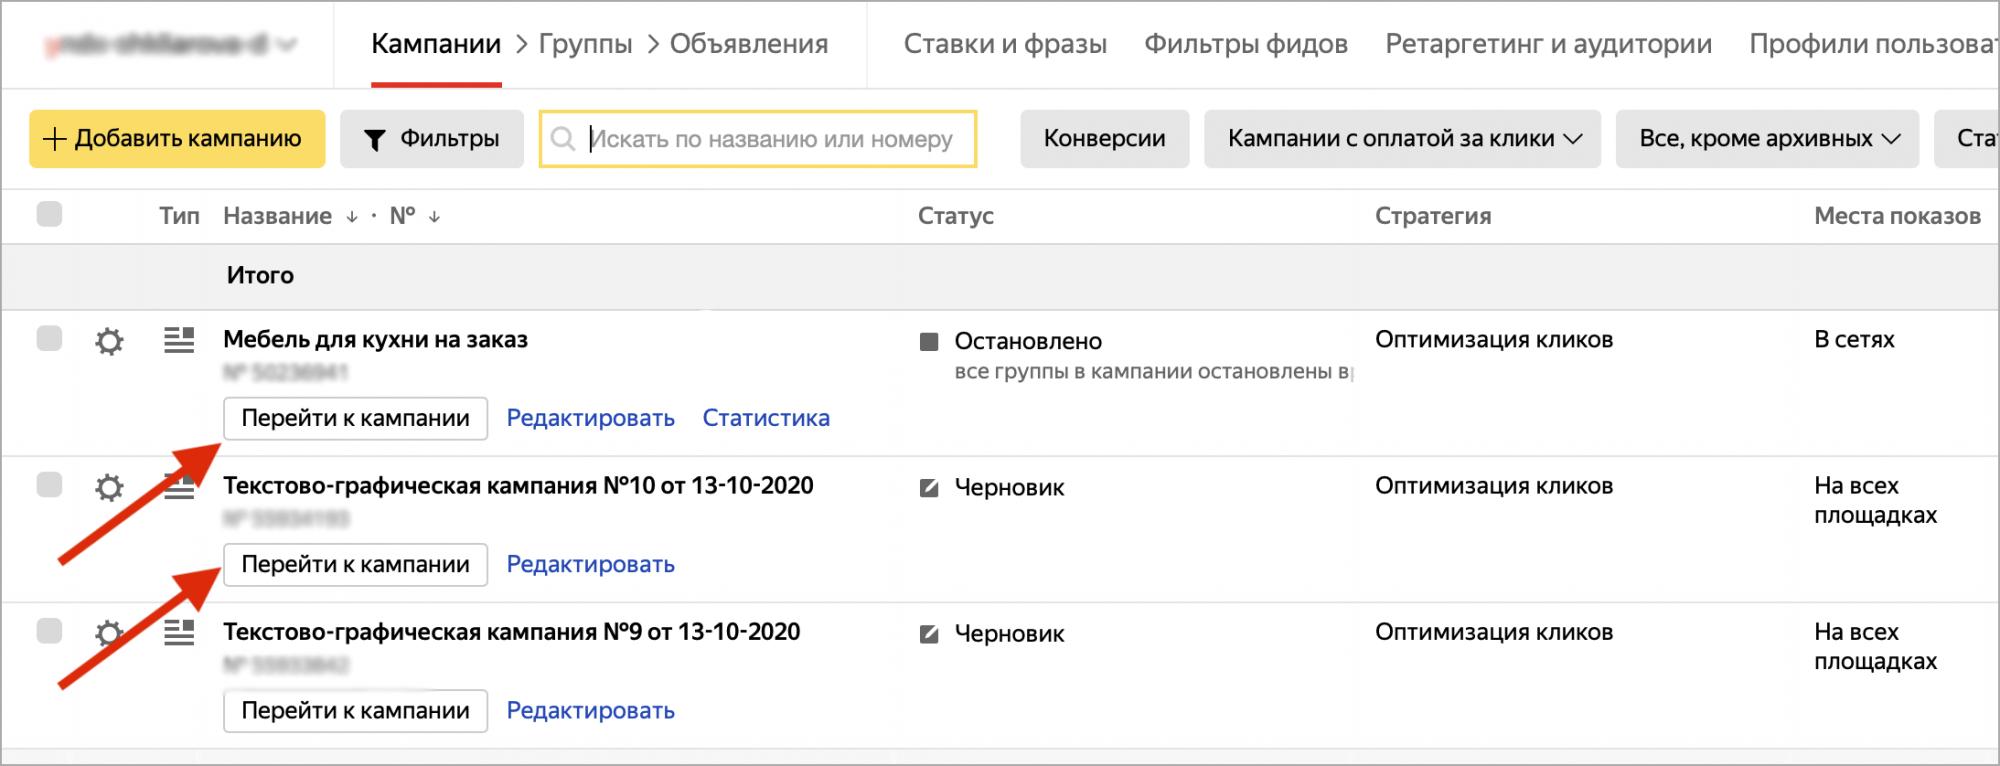 Яндекс.Директ отключил доступ к старому интерфейсу списка кампаний